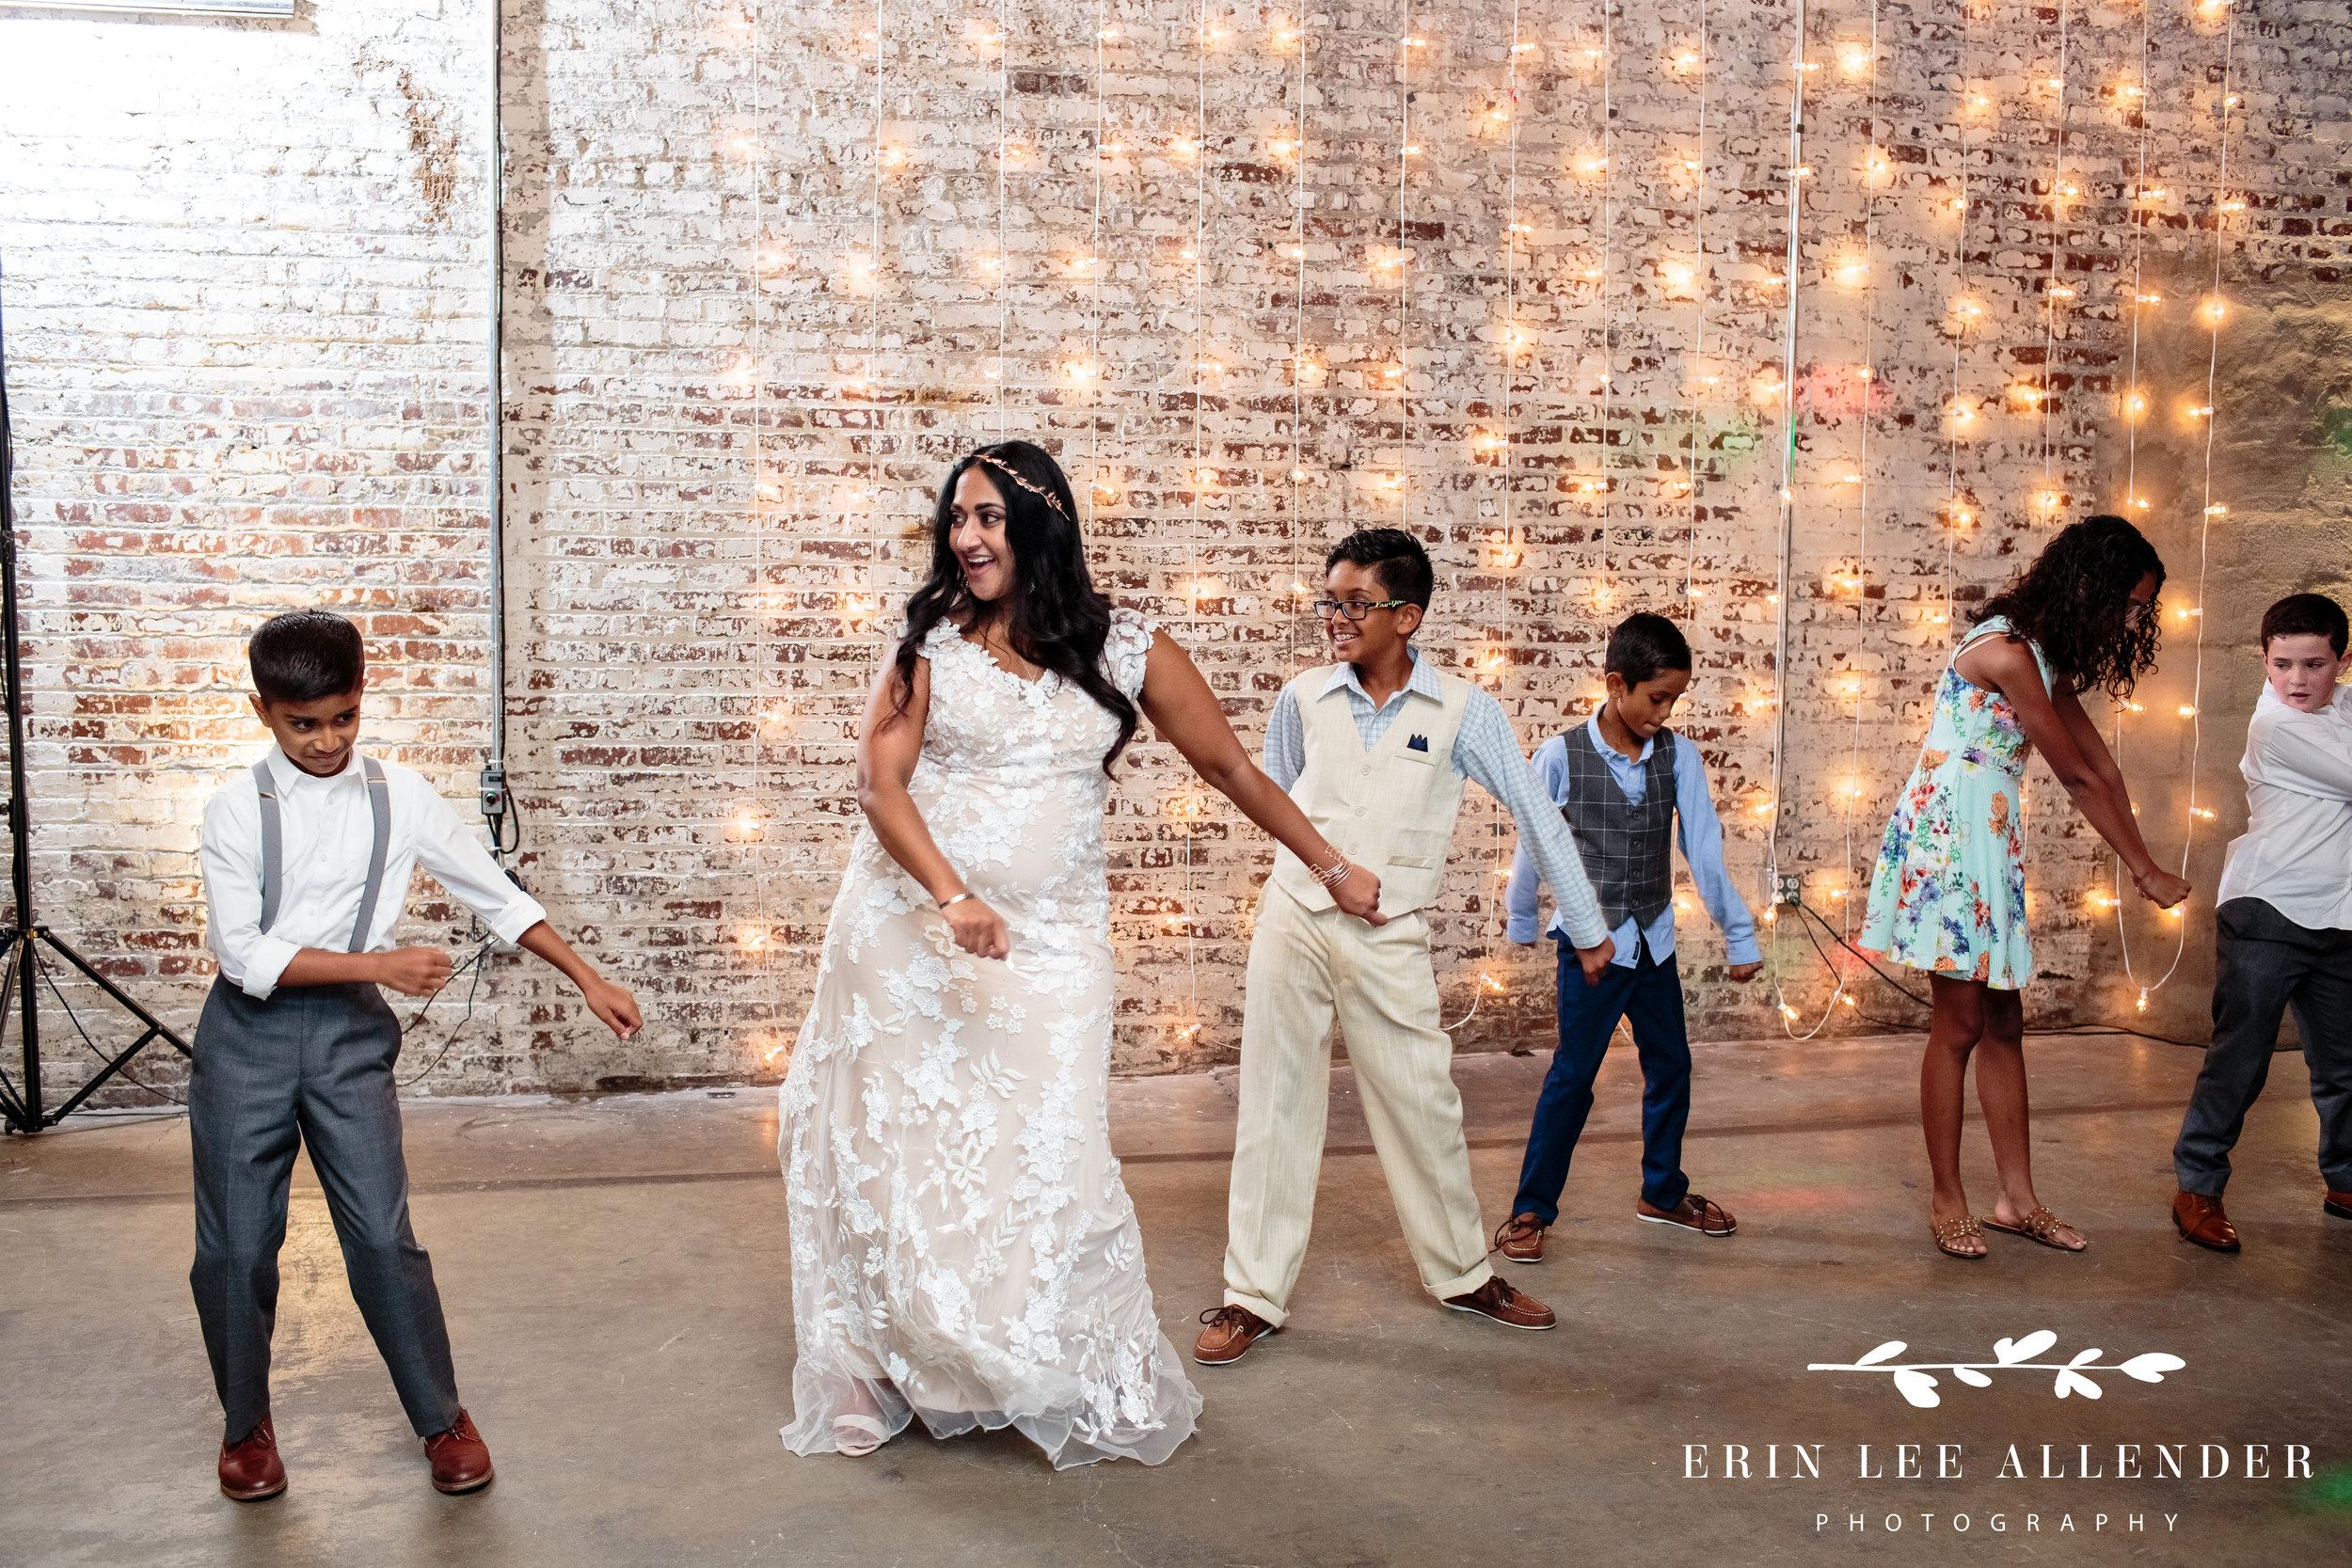 kids-teach-bride-to-floss